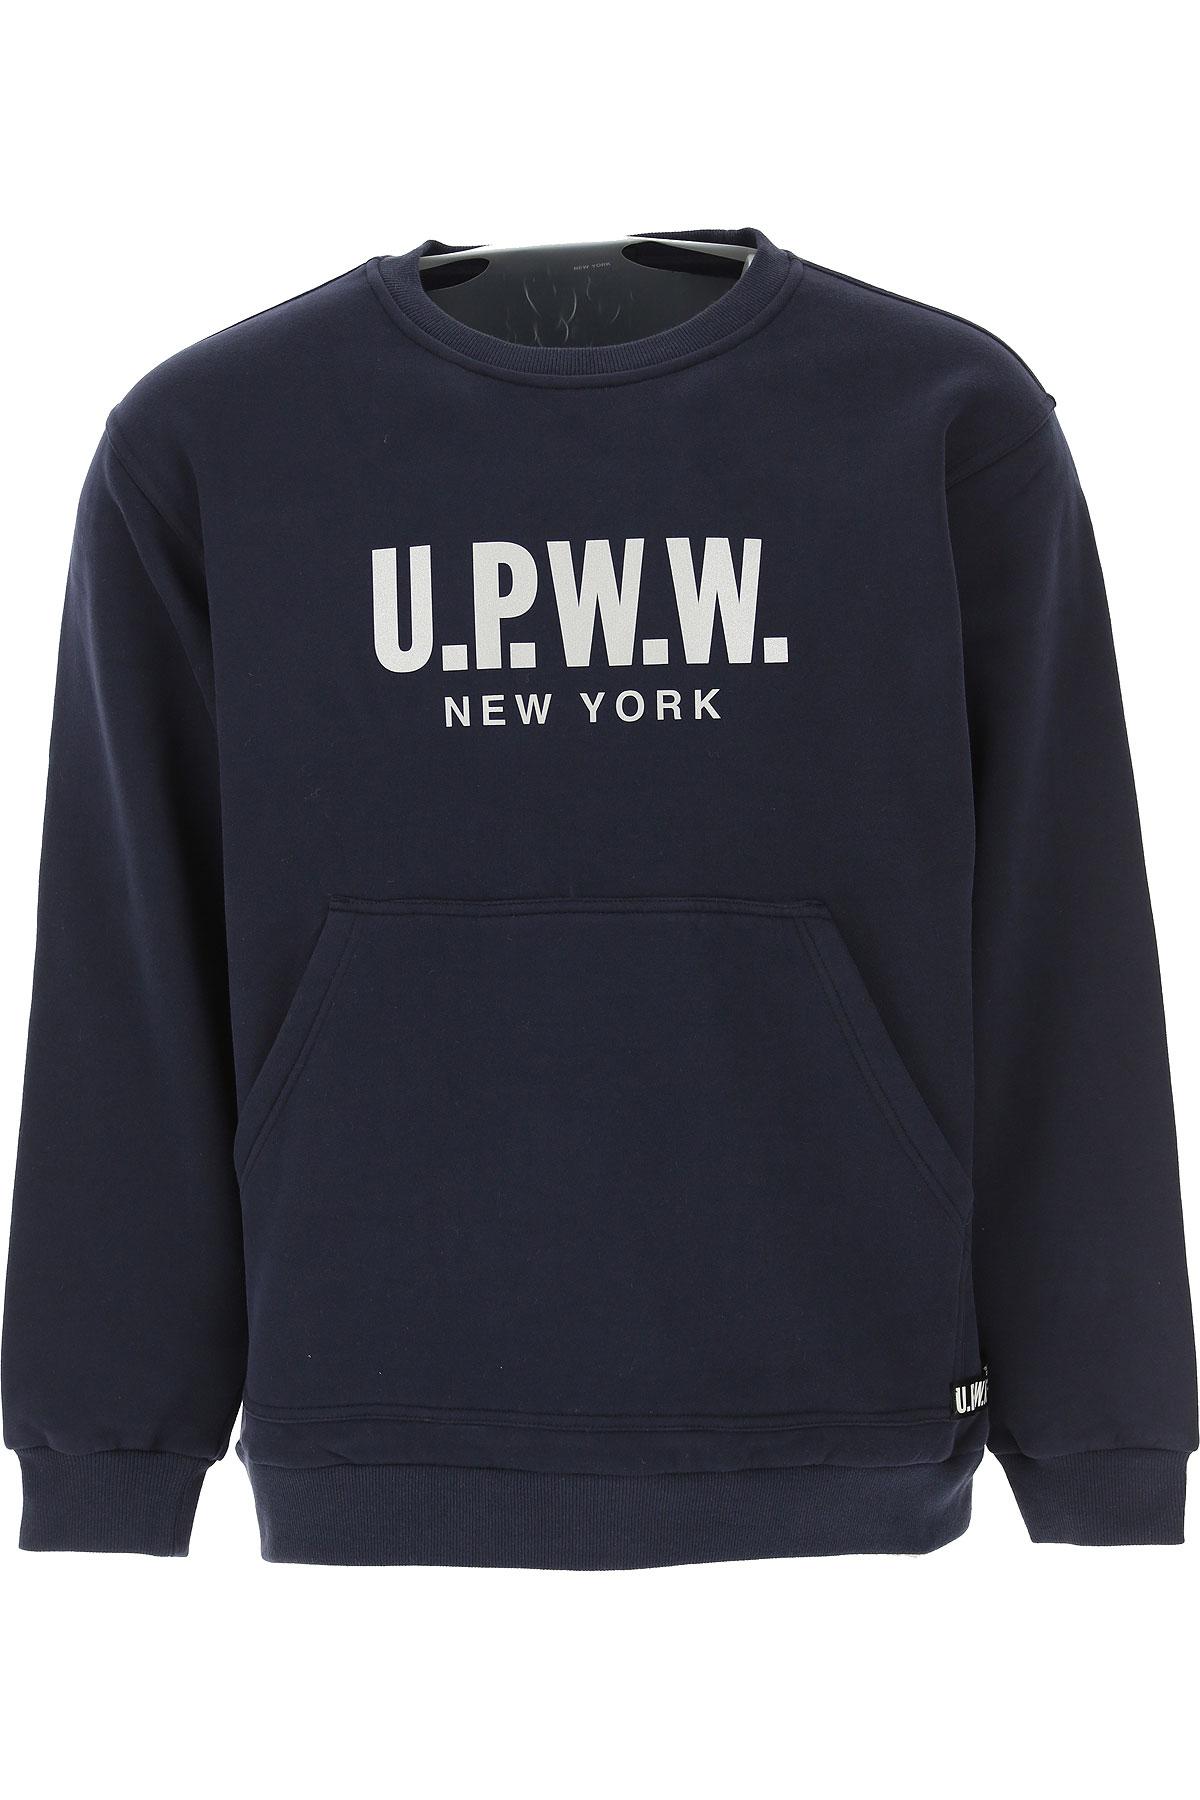 U.P.W.W. Sweat Homme Pas cher en Soldes, Bleu, Coton, 2019, L M S XS